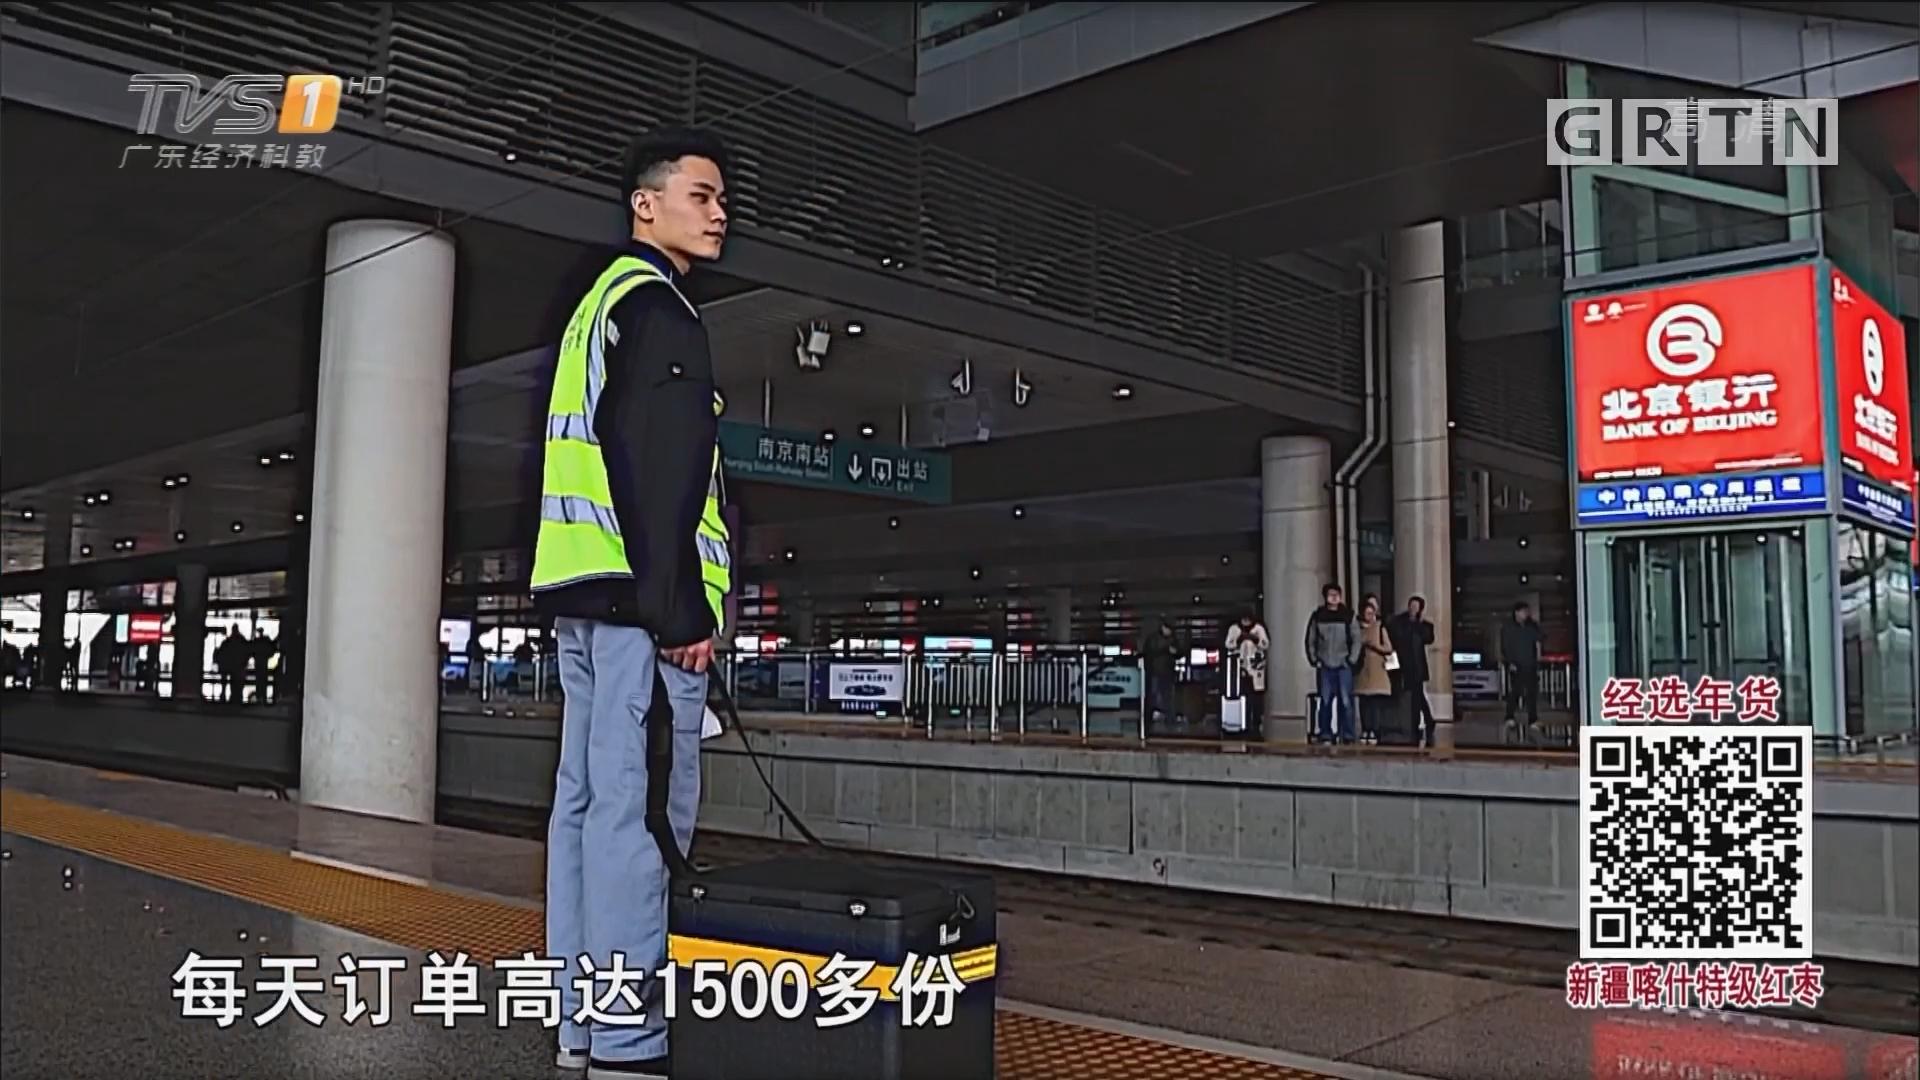 新闻特写:快乐奔跑的高铁配送小哥